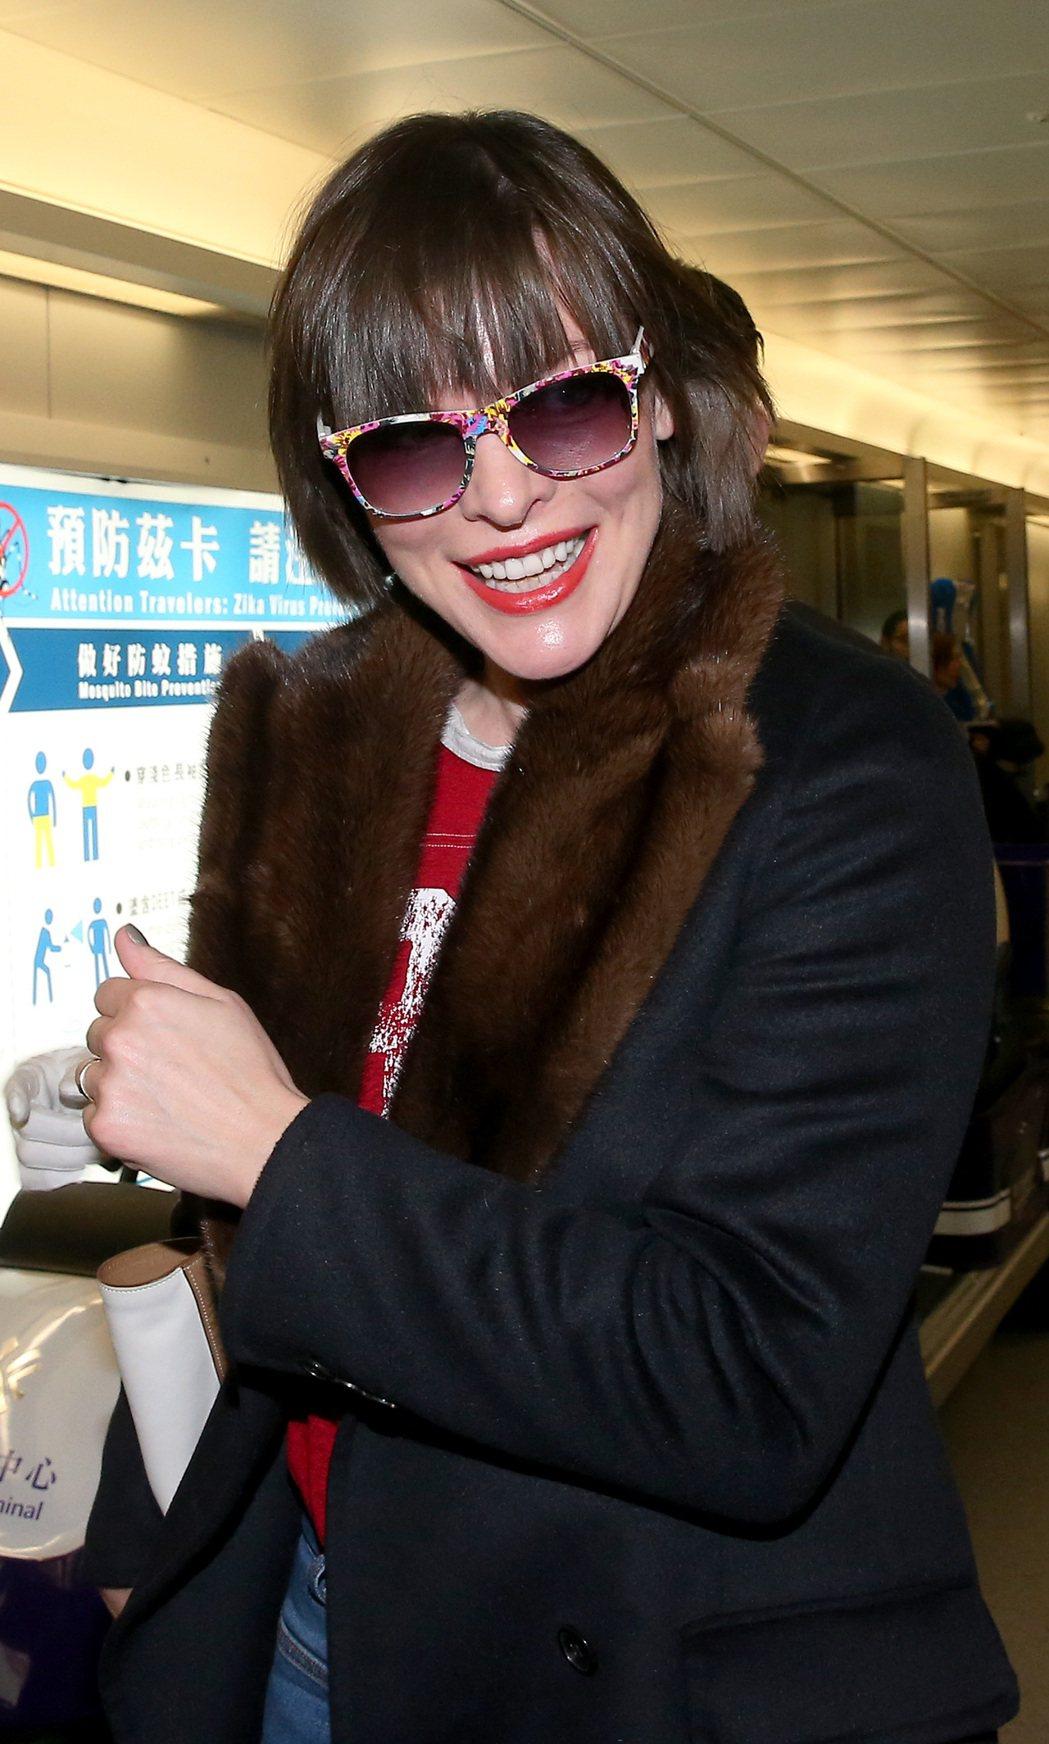 影星蜜拉喬娃維琪15日晚間搭機抵台宣傳新片。記者陳嘉寧/攝影